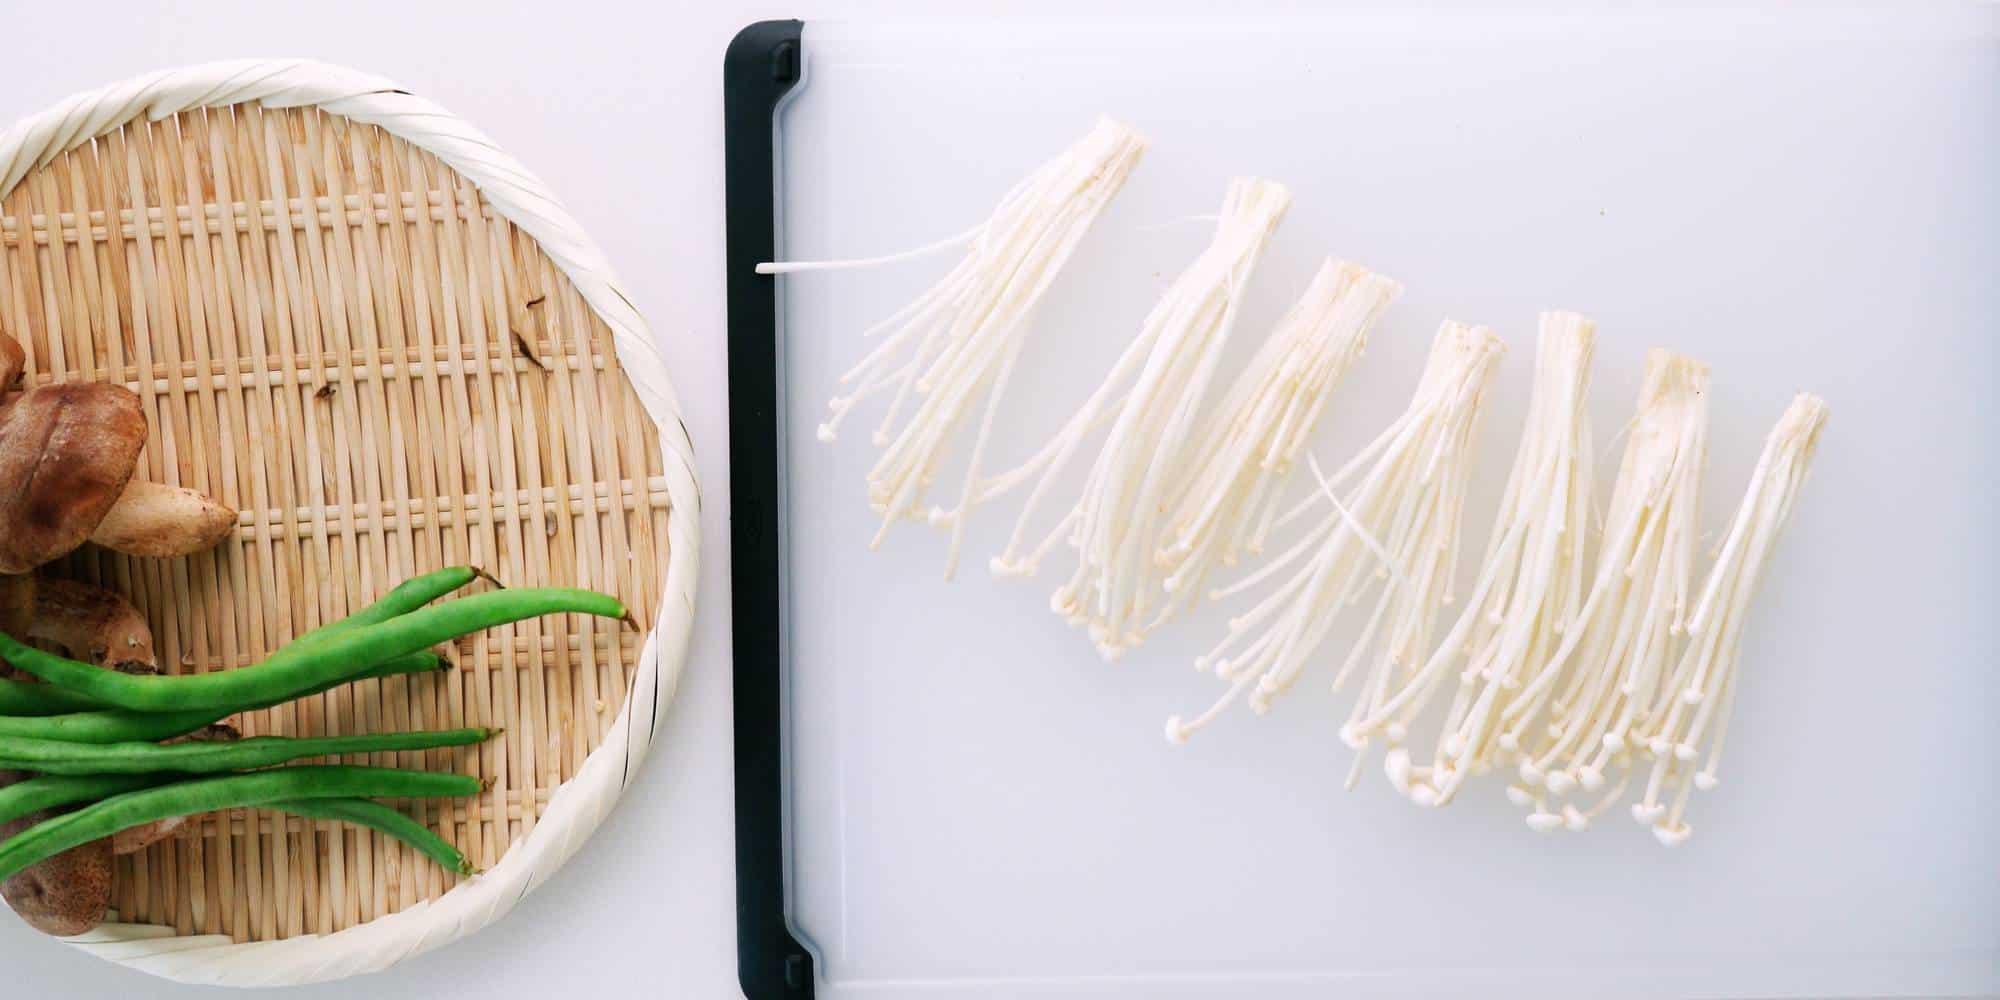 Enoki mushrooms separated into clusters for tempura.